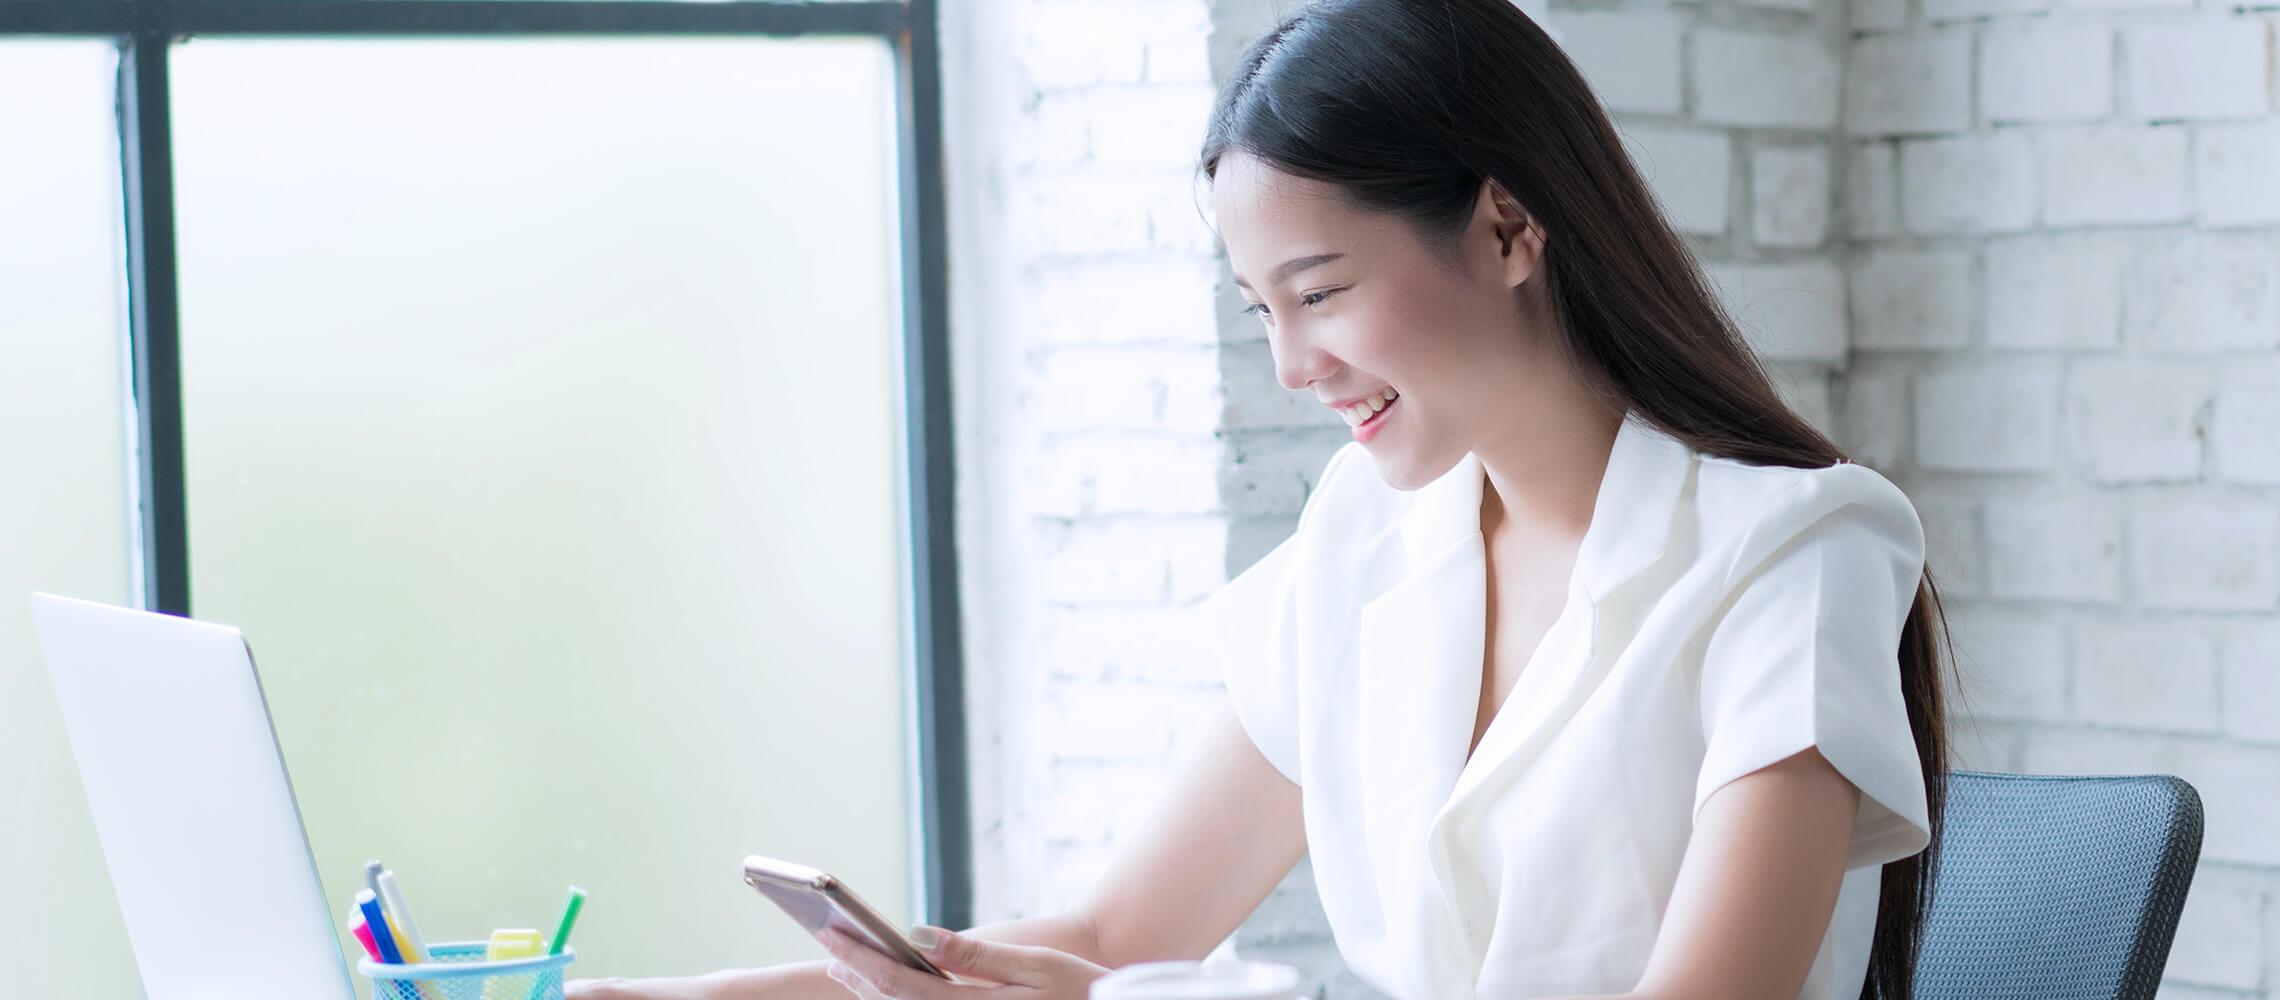 เทคโนโลยีแพ็กเกจมือถือที่เหมาะกับธุรกิจ เพิ่มประสิทธิภาพการติดต่อสื่อสารของลูกค้าองค์กร